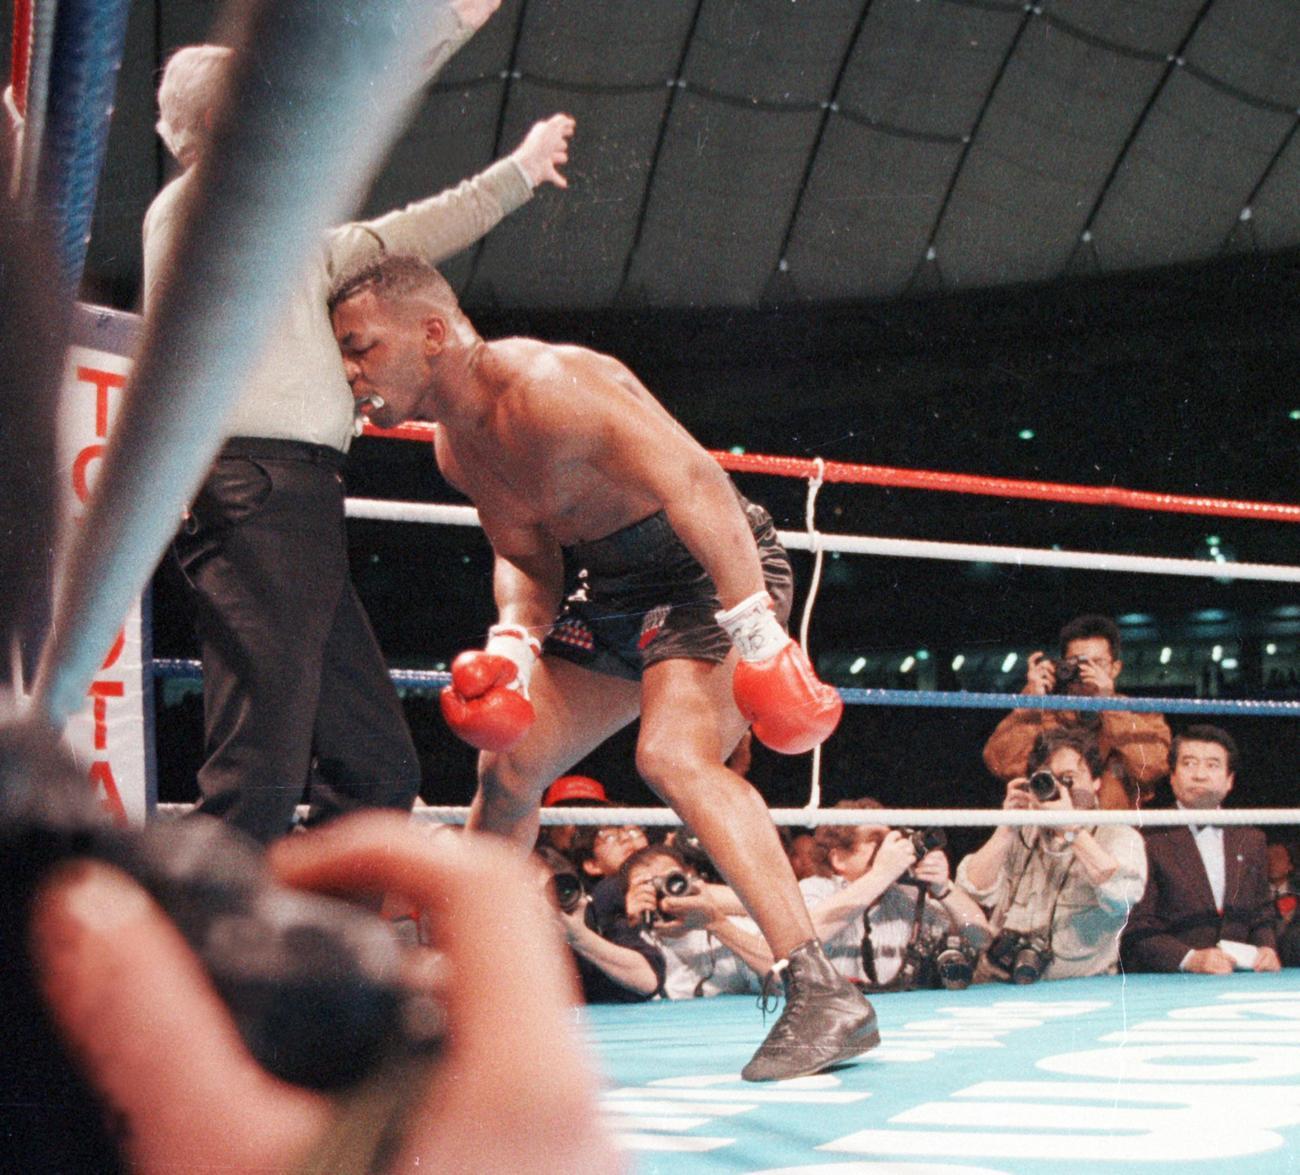 WBA・IBF・WBC世界ヘビー級タイトルマッチ 10回、ダグラスからダウンを奪われKO負けしたマイク・タイソンはダメージからレフェリー(左)に寄りかかる(1990年2月11日撮影)